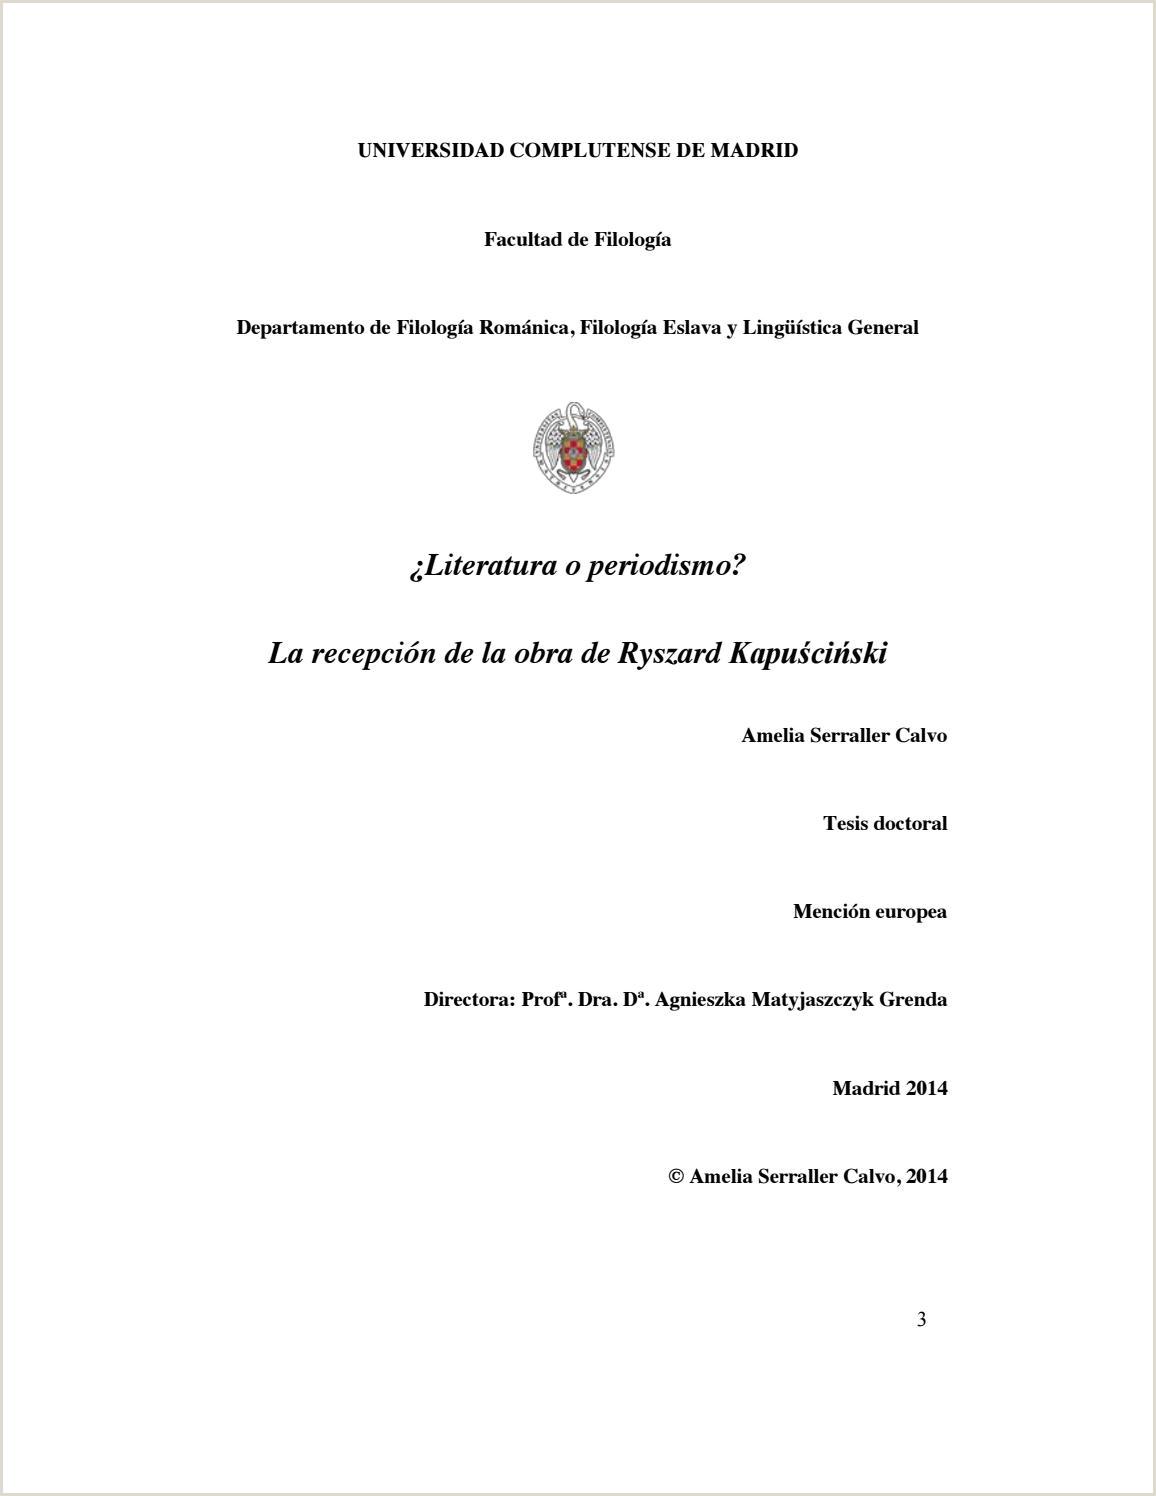 Curriculum Vitae Para Rellenar Peru Literatura O Periodismo La Recepci³n De La Obra De Ryzard